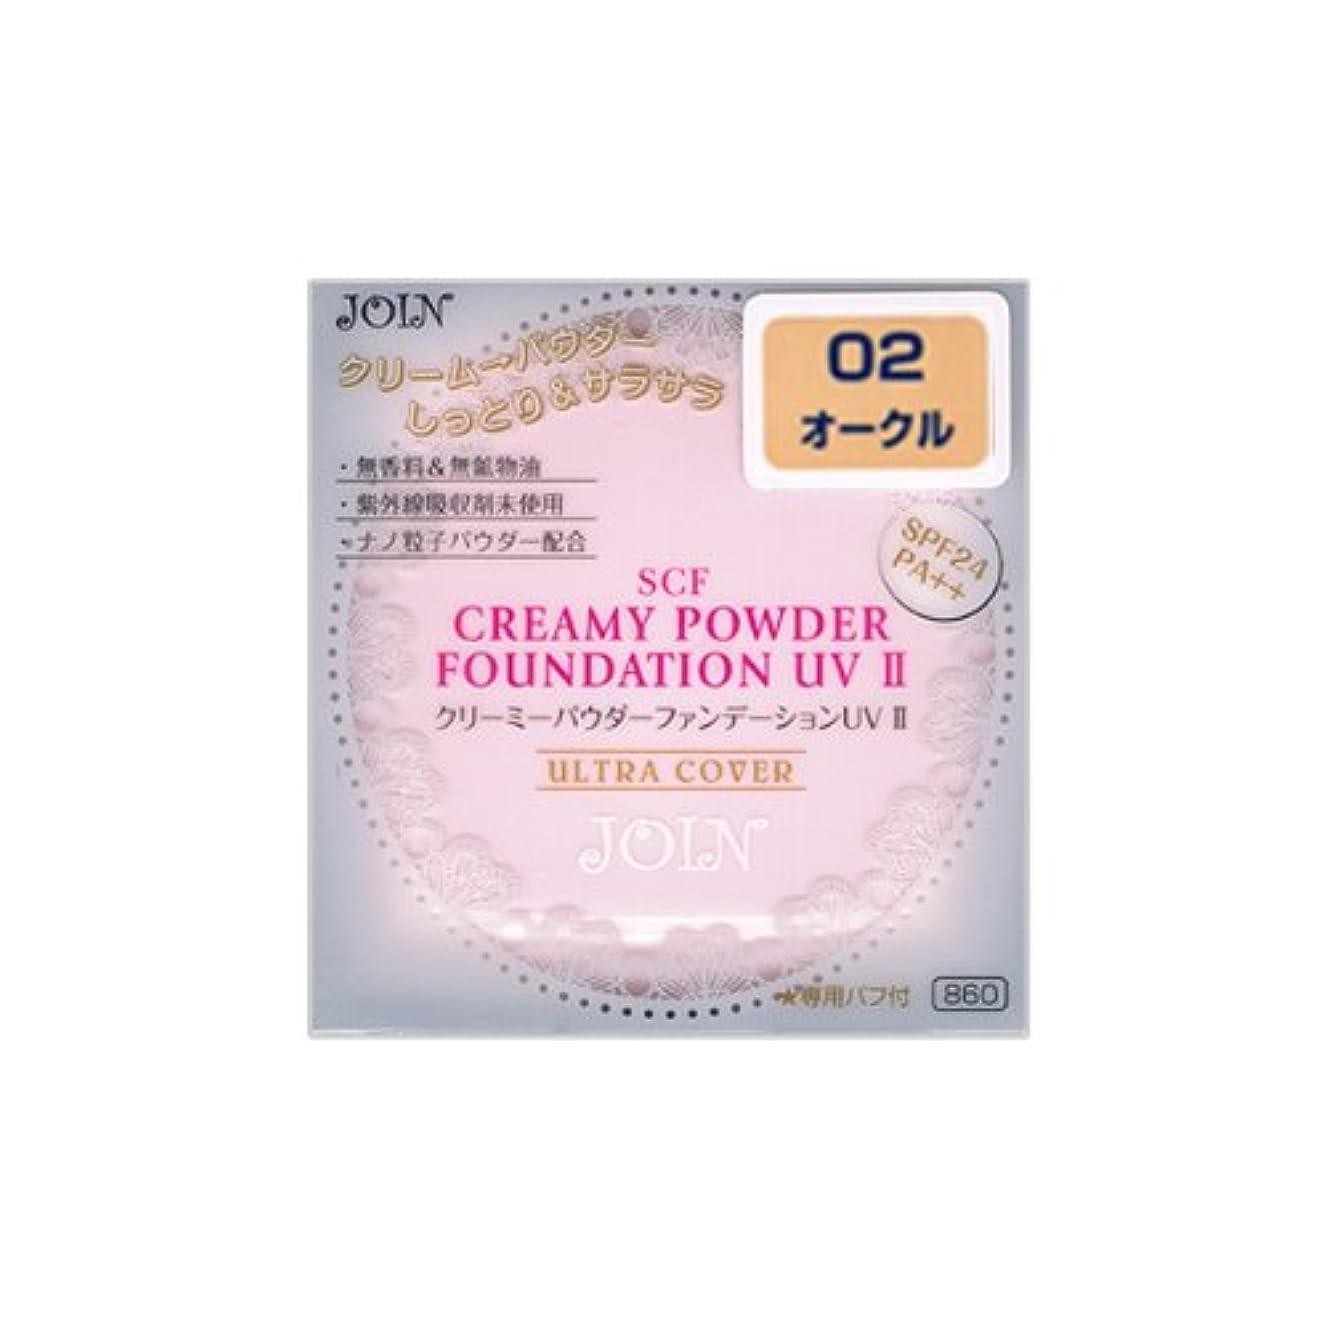 びっくり乳製品ハーブジョイン SCFクリーミーパウダーファンデーションUV 2 専用パフ付き 12g 02オークル